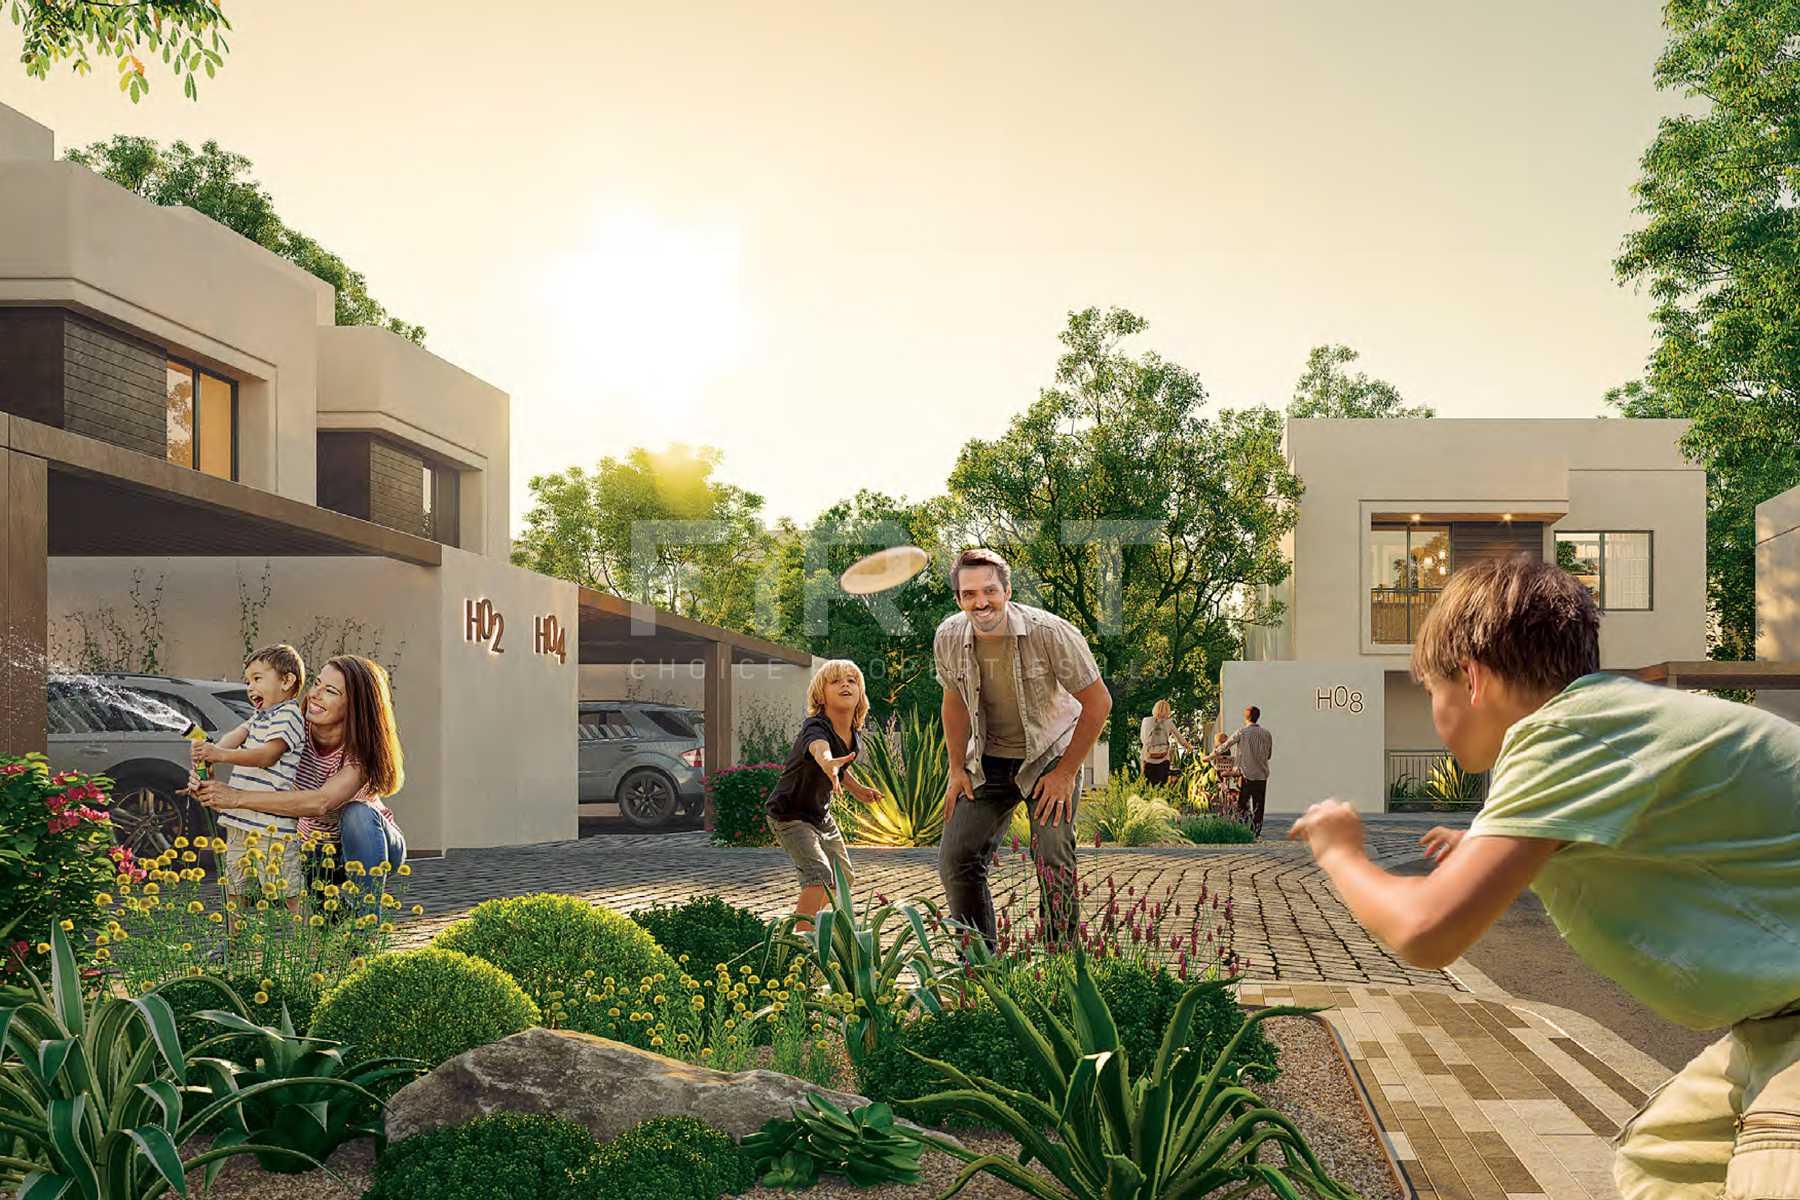 External Photo of Noya Viva in Yas Island Abu Dhabi UAE (3).jpg